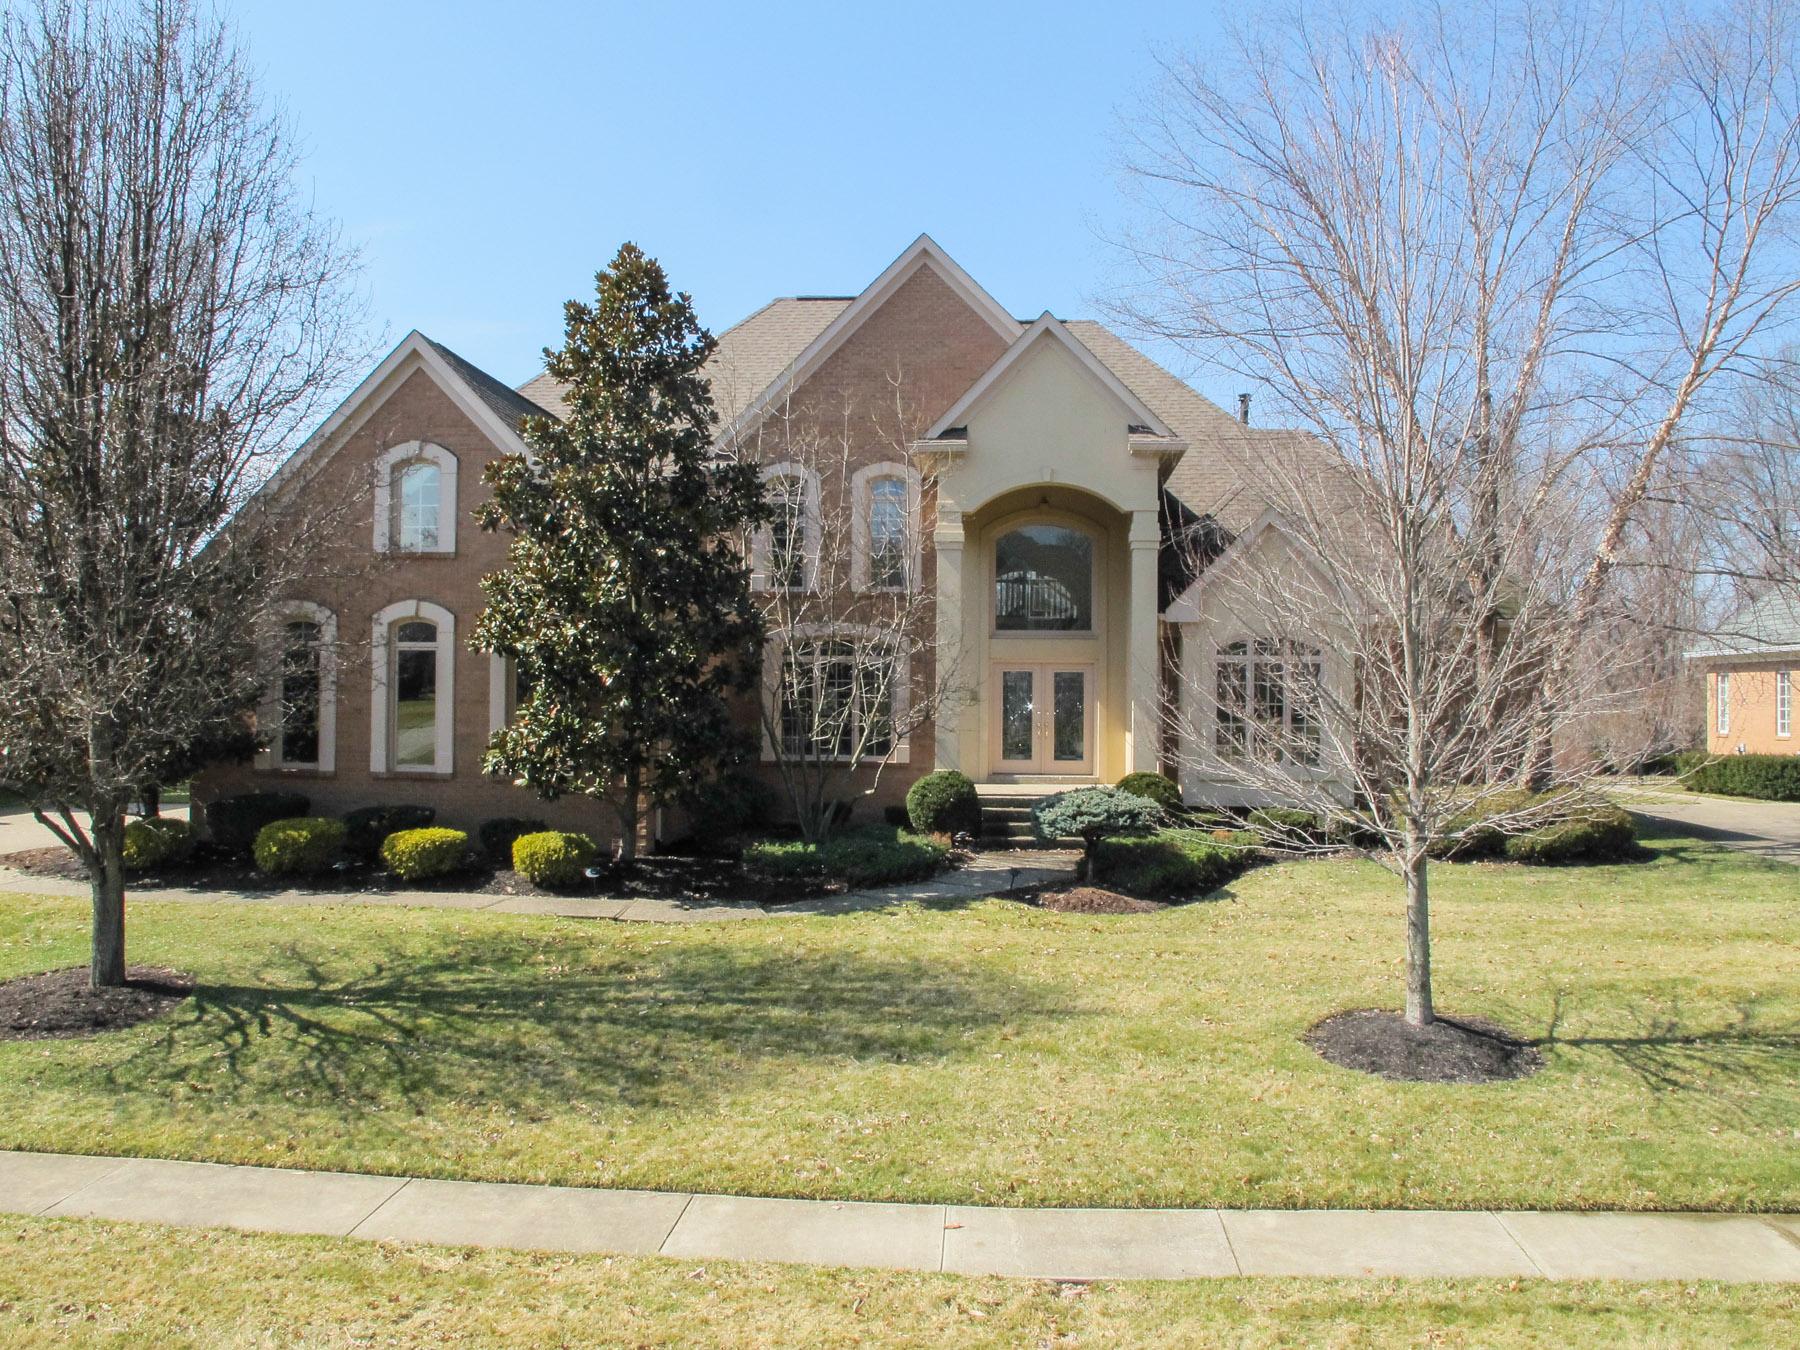 Maison unifamiliale pour l Vente à 7416 Wycliffe Drive Prospect, Kentucky 40059 États-Unis